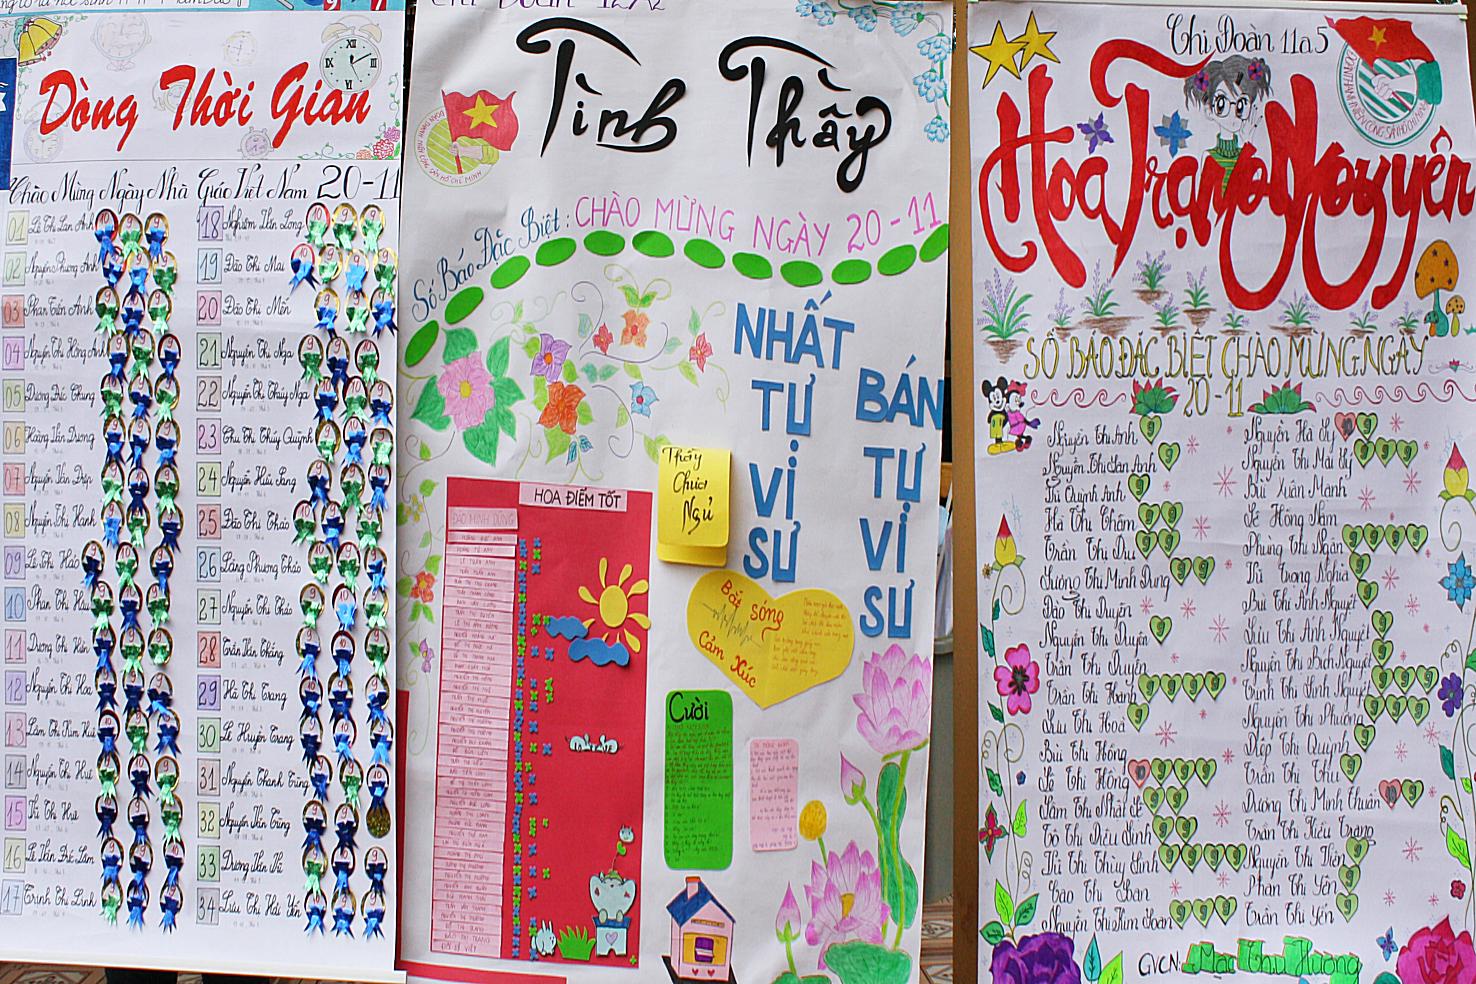 Báo tường đặc biệt dành cho ngày nhà giáo Việt Nam